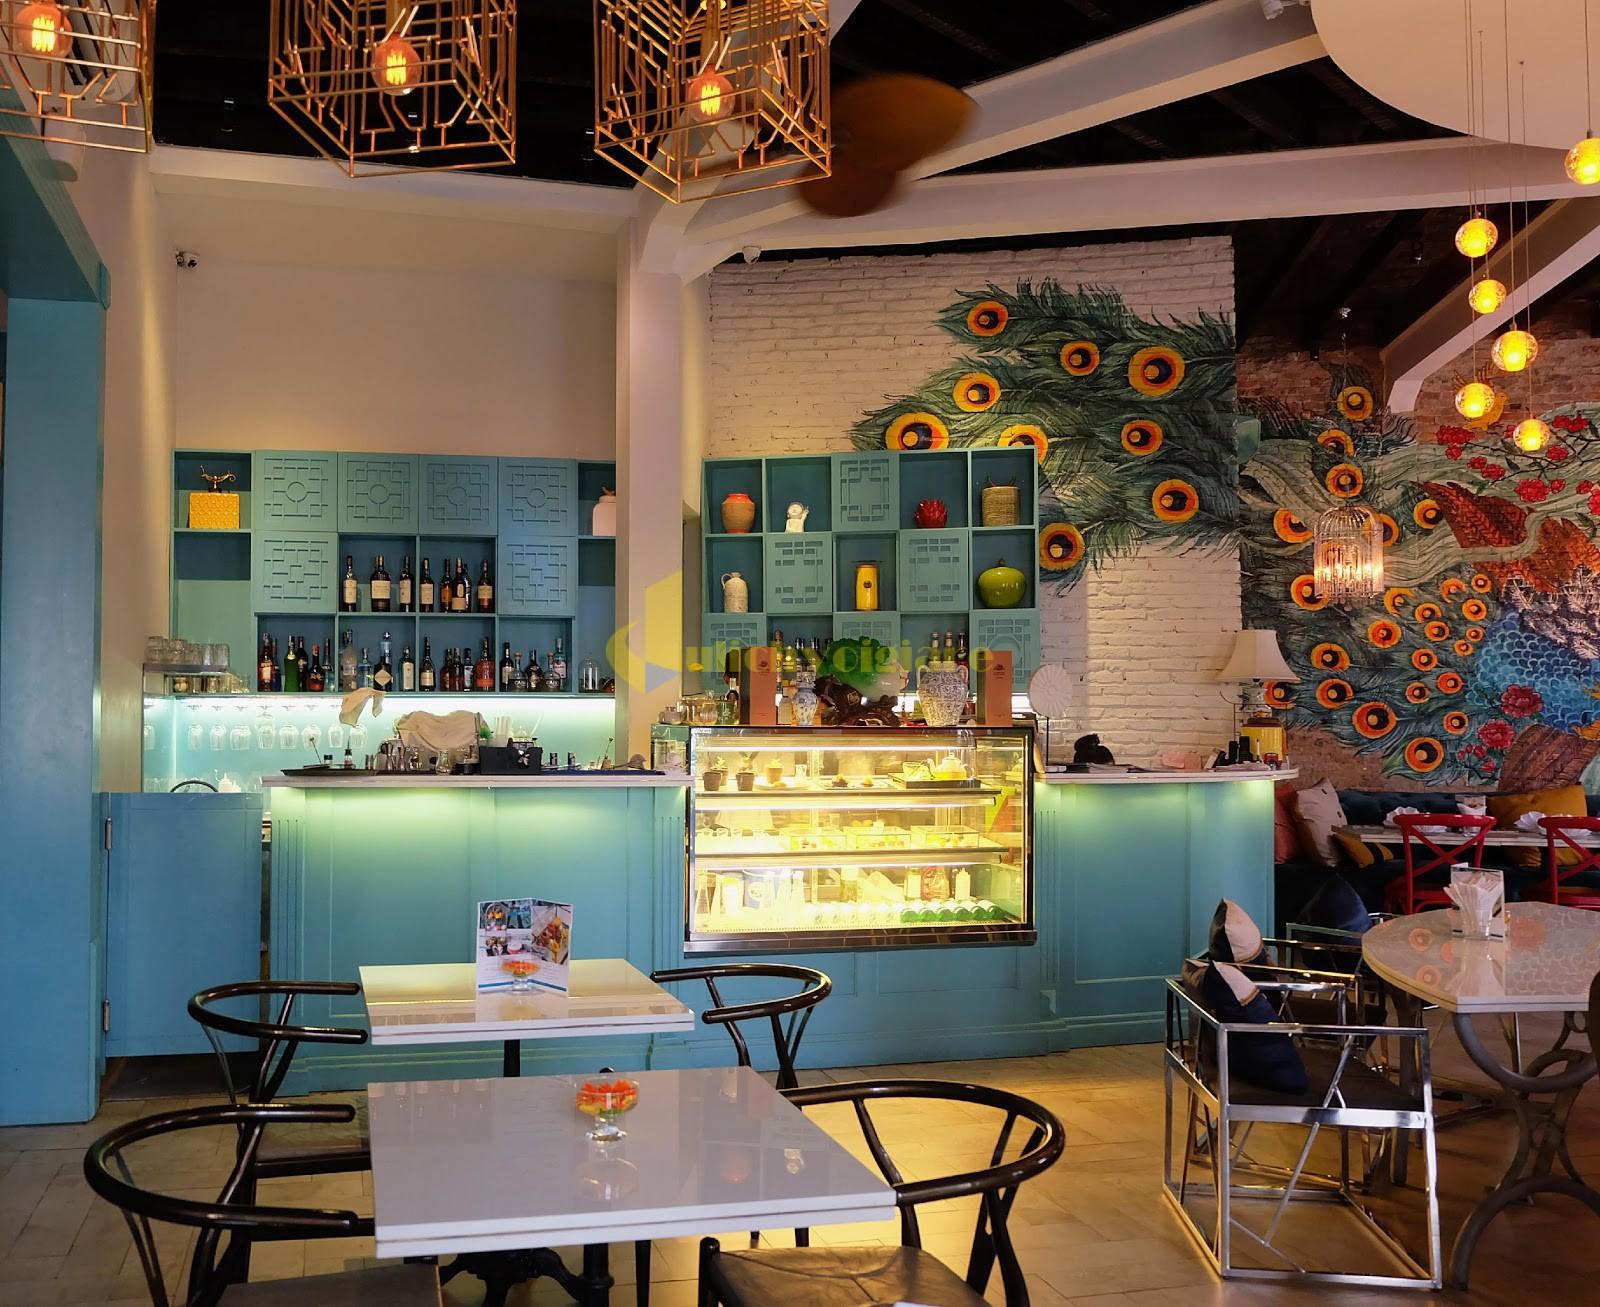 0_lp2cTfeKOAdLb9S8 Check in ngay 9 quán cà phê đẹp ở Sài Gòn đang là địa điểm sống ảo hot nhất hiện nay.